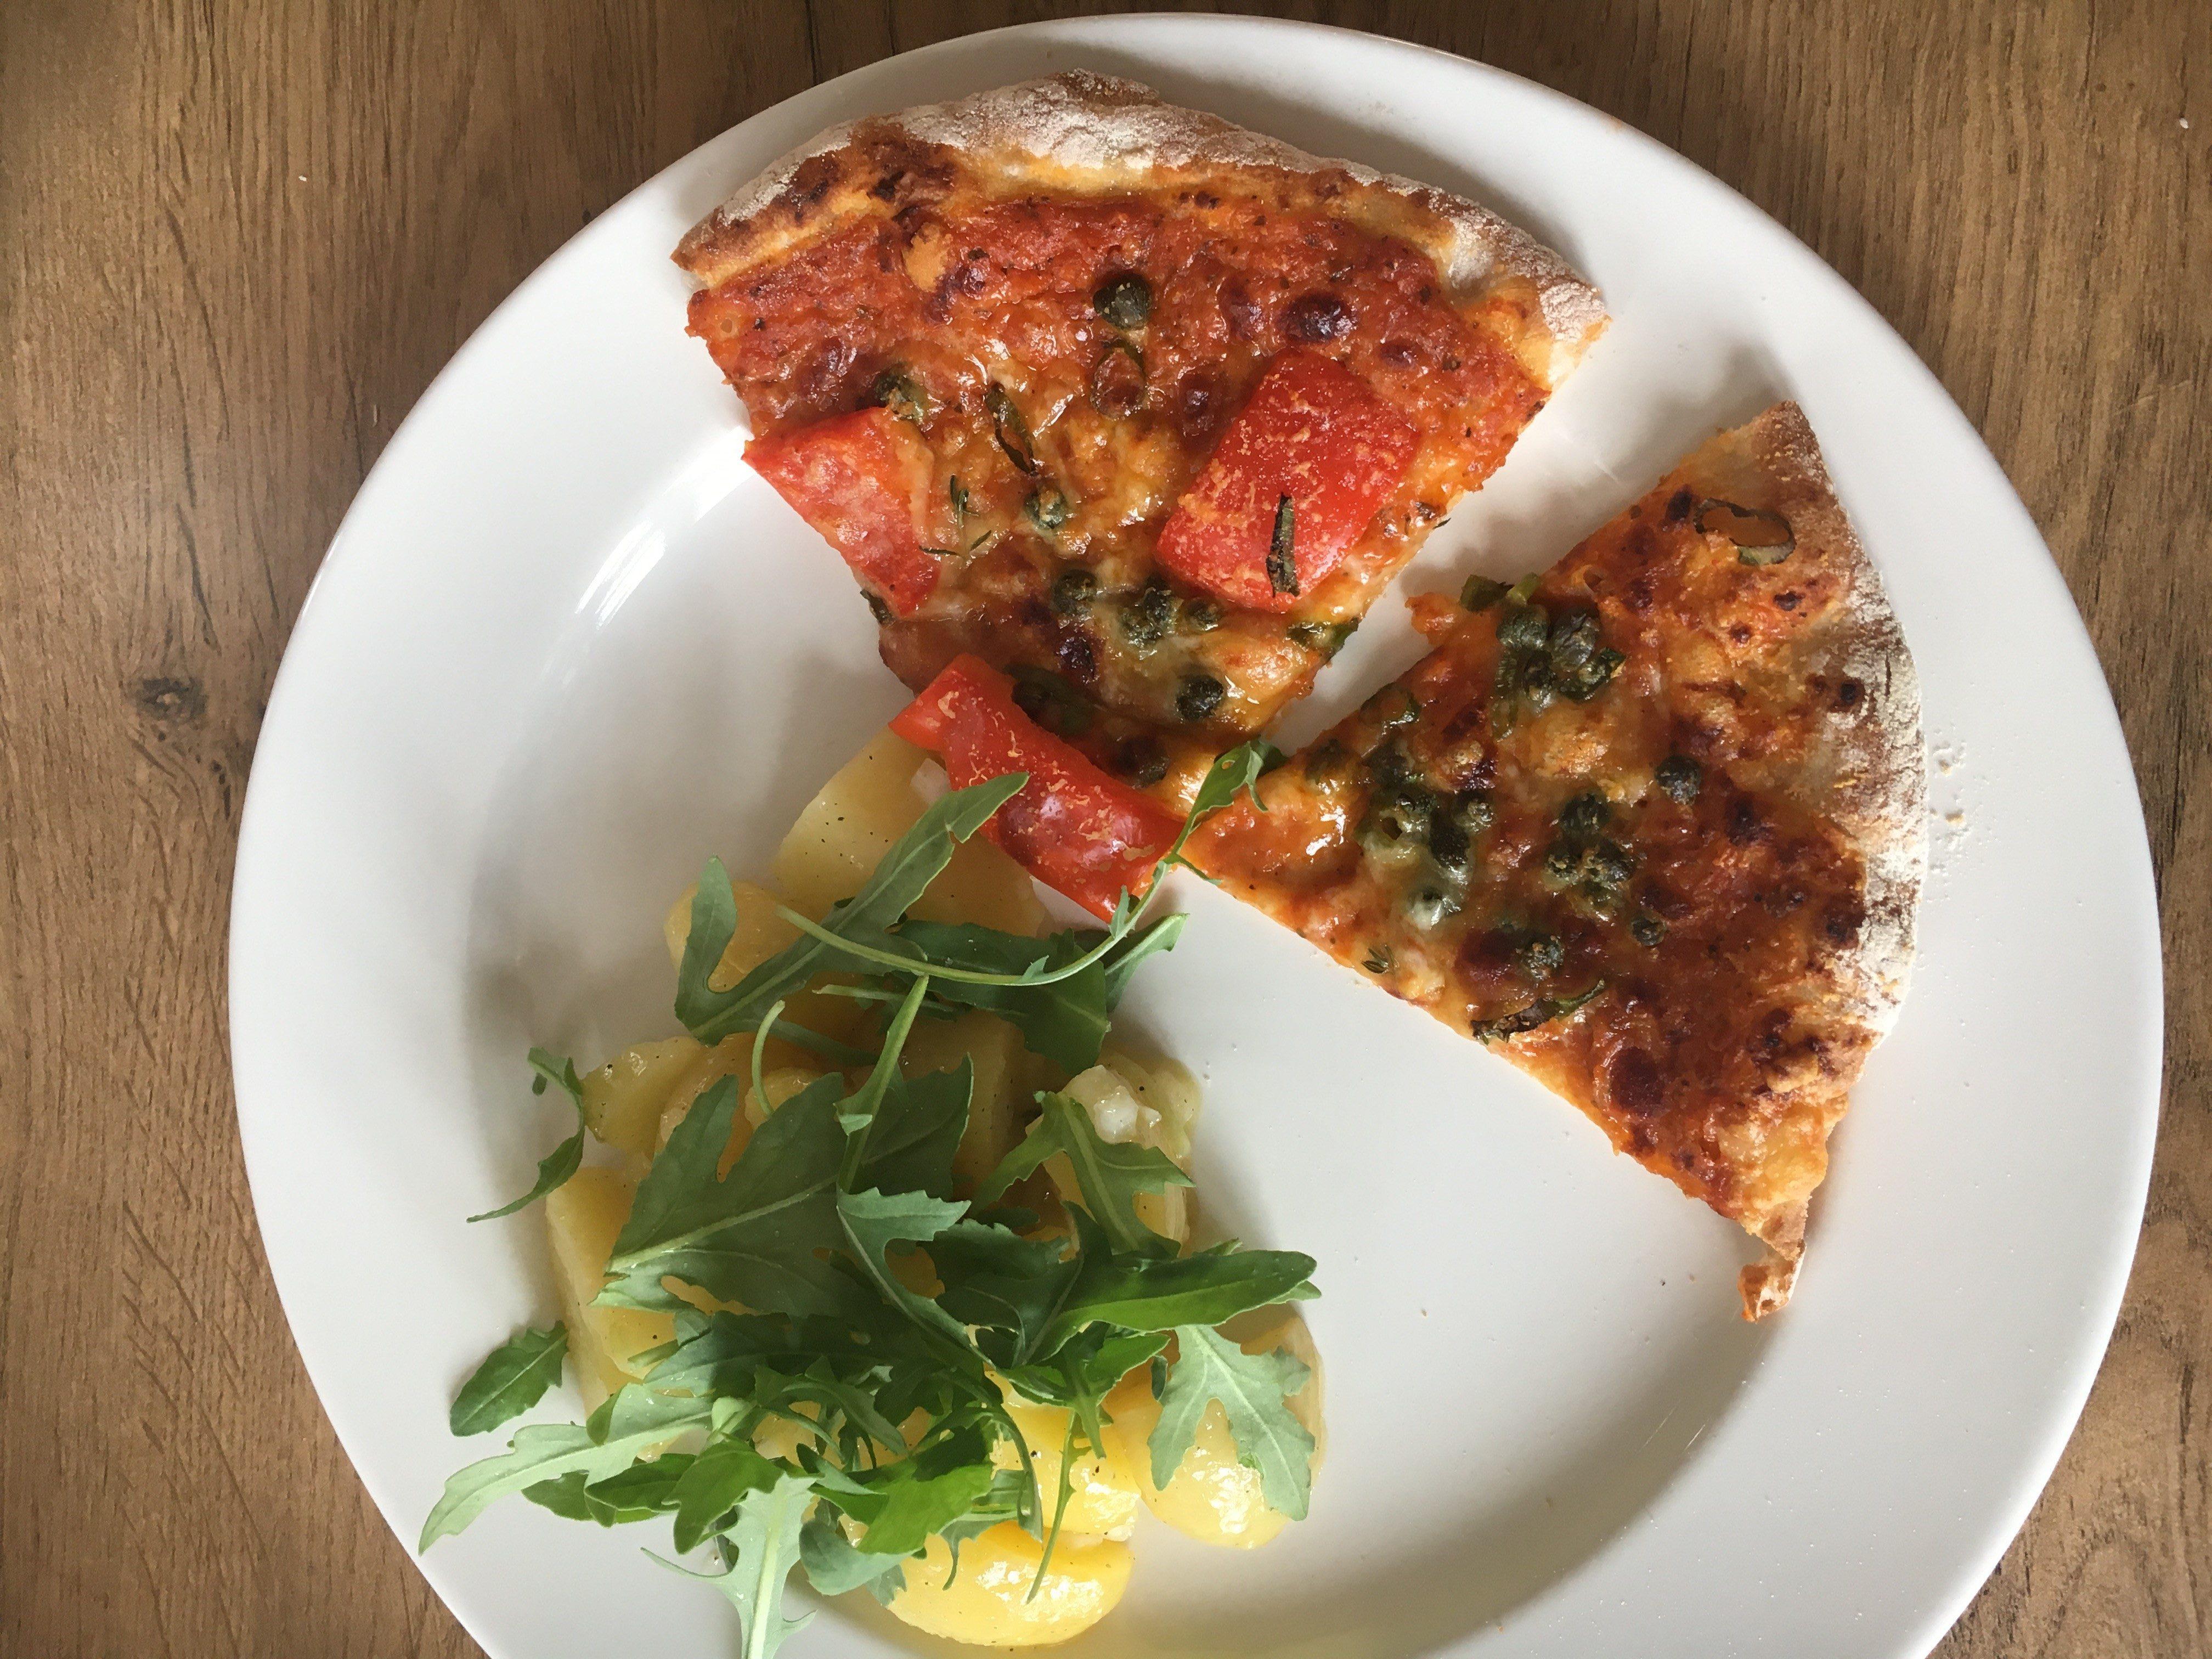 Hjemmelavet pizza på tallerken